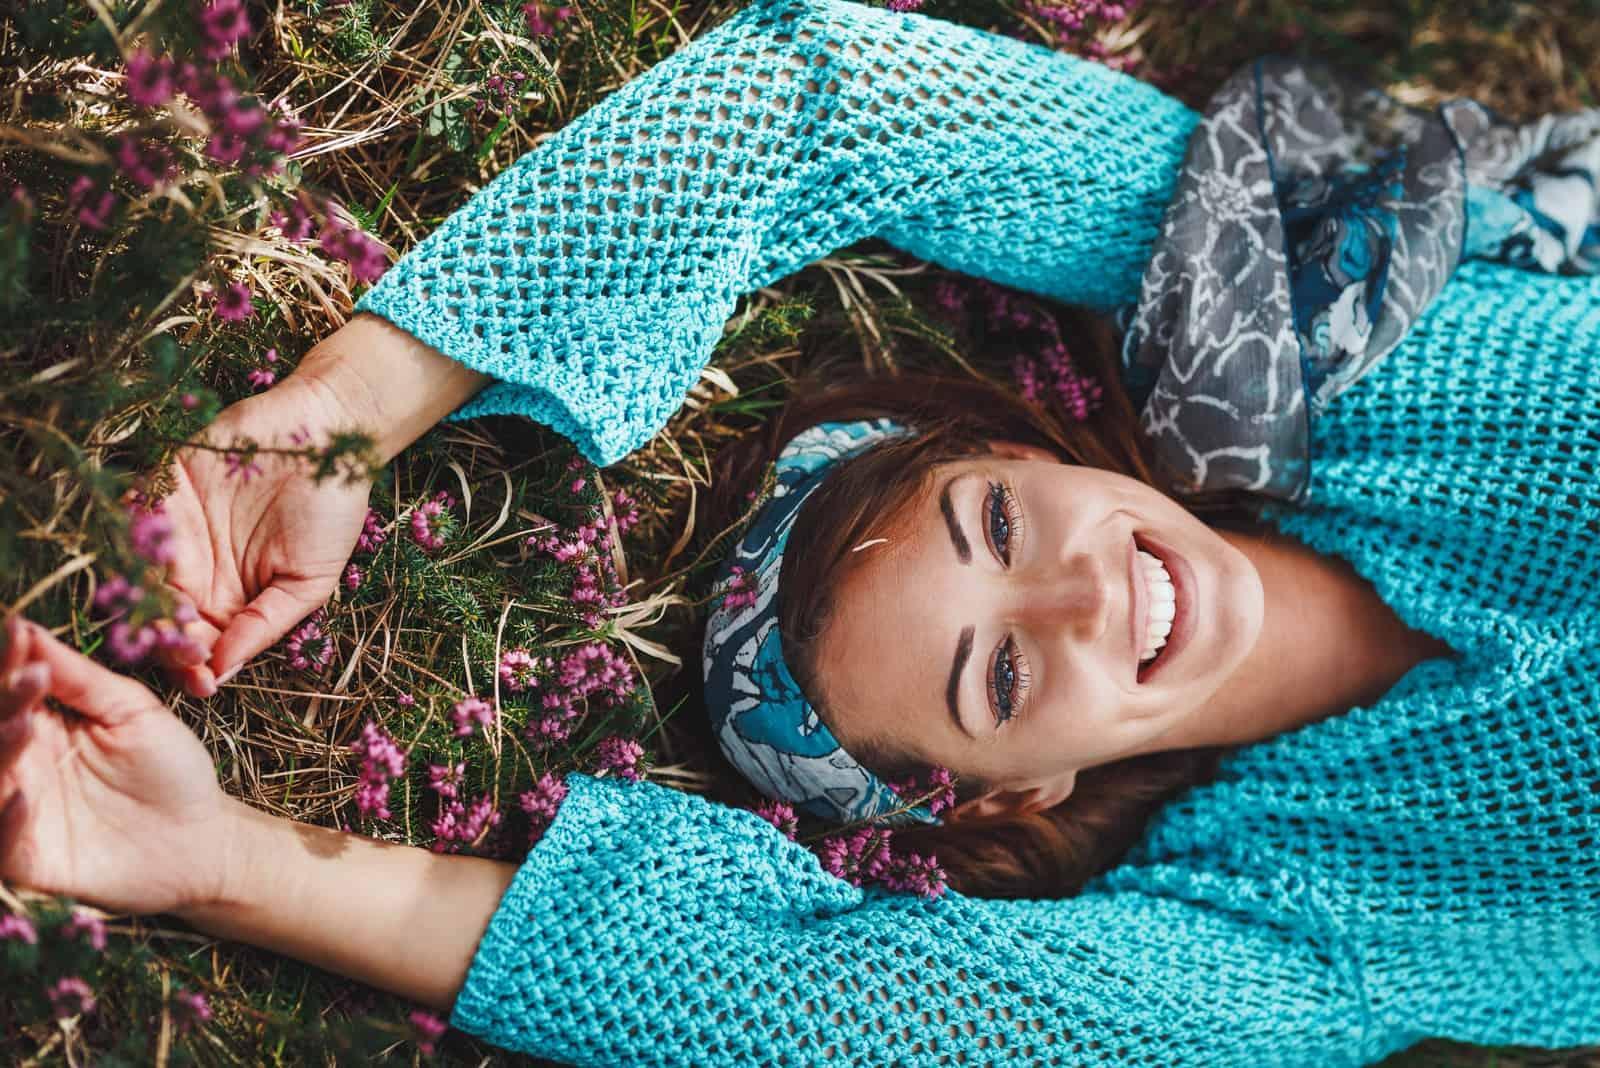 la femme est allongée dans l'herbe